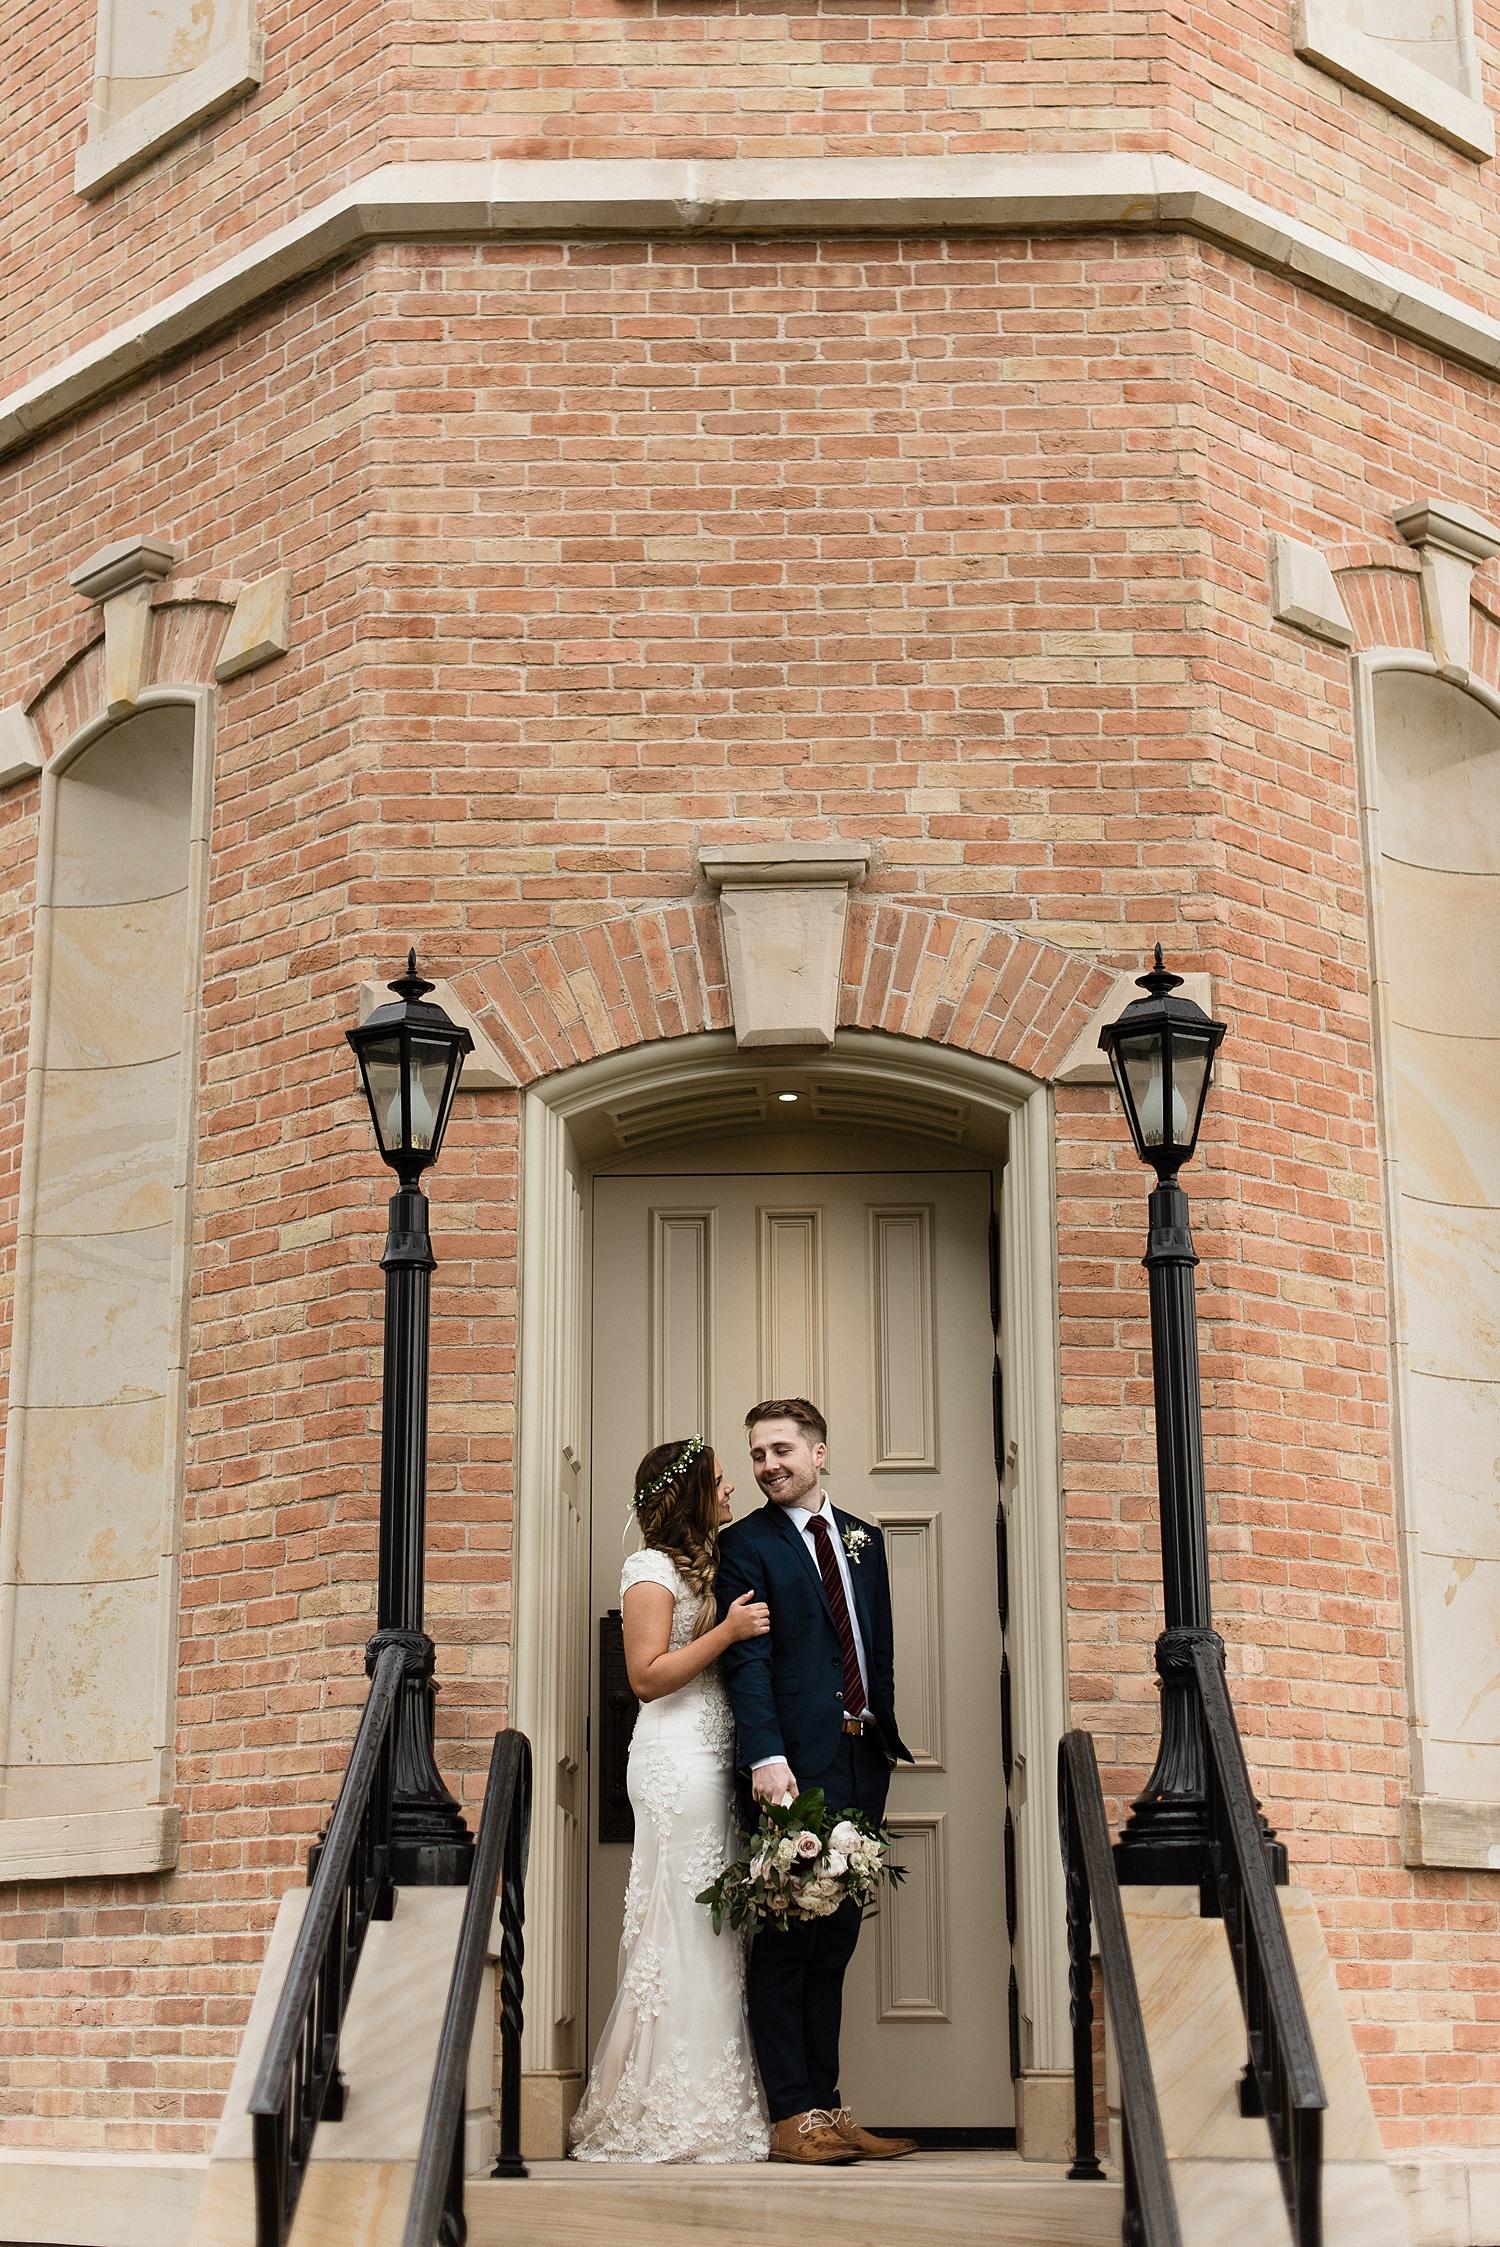 Zandra Barriga Photo - Dallas and Megan Wedding_0029.jpg